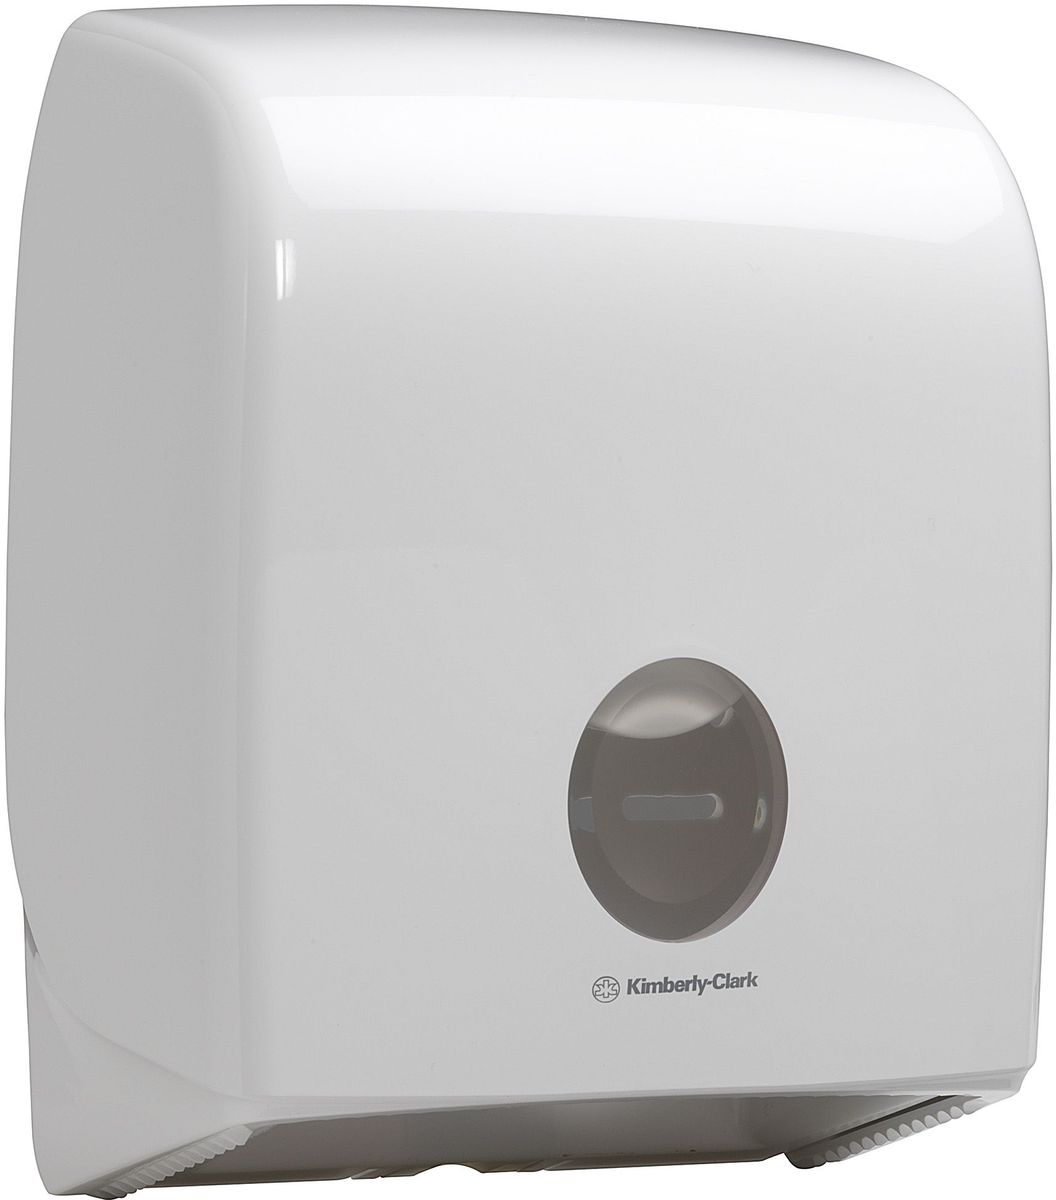 Диспенсер для туалетной бумаги Aquarius Jumbo, большой рулон, цвет: белый. 69586958Ассортимент диспенсеров для рулонной туалетной бумаги, которые выполнены в одном стиле с диспенсерами для мыла и для полотенец для рук. Диспенсеры мотивируют сотрудников соблюдать гигиенические нормы, повышают уровень комфорта, демонстрируют заботу о персонале и помогают сократить расходы. Идеальное решение, обеспечивающее подачу рулонной туалетной бумаги из элегантного диспенсера в туалетных комнатах с высокой проходимостью, легкая загрузка, практичное, гигиеничное и экономичное решение. Диспенсер имеет съемную ось, и межет быть использован с рулонами с диаметром втулки 44/60/76 мм. Максимальный диаметр рулона – 200 мм.Формат поставки: диспенсер современного дизайна, обтекаемой формы, обеспечивающий быструю заправку; белое глянцевое, легко очищаемое покрытие; отсутствие мест скопления пыли и грязи; смотровое окно для контроля за расходными материалами; возможность выбора цветовых вставок в соответствие с интерьером конкретных туалетных комнат. Замена диспенсера 6988. Совместим с туалетной бумагой: 8512.